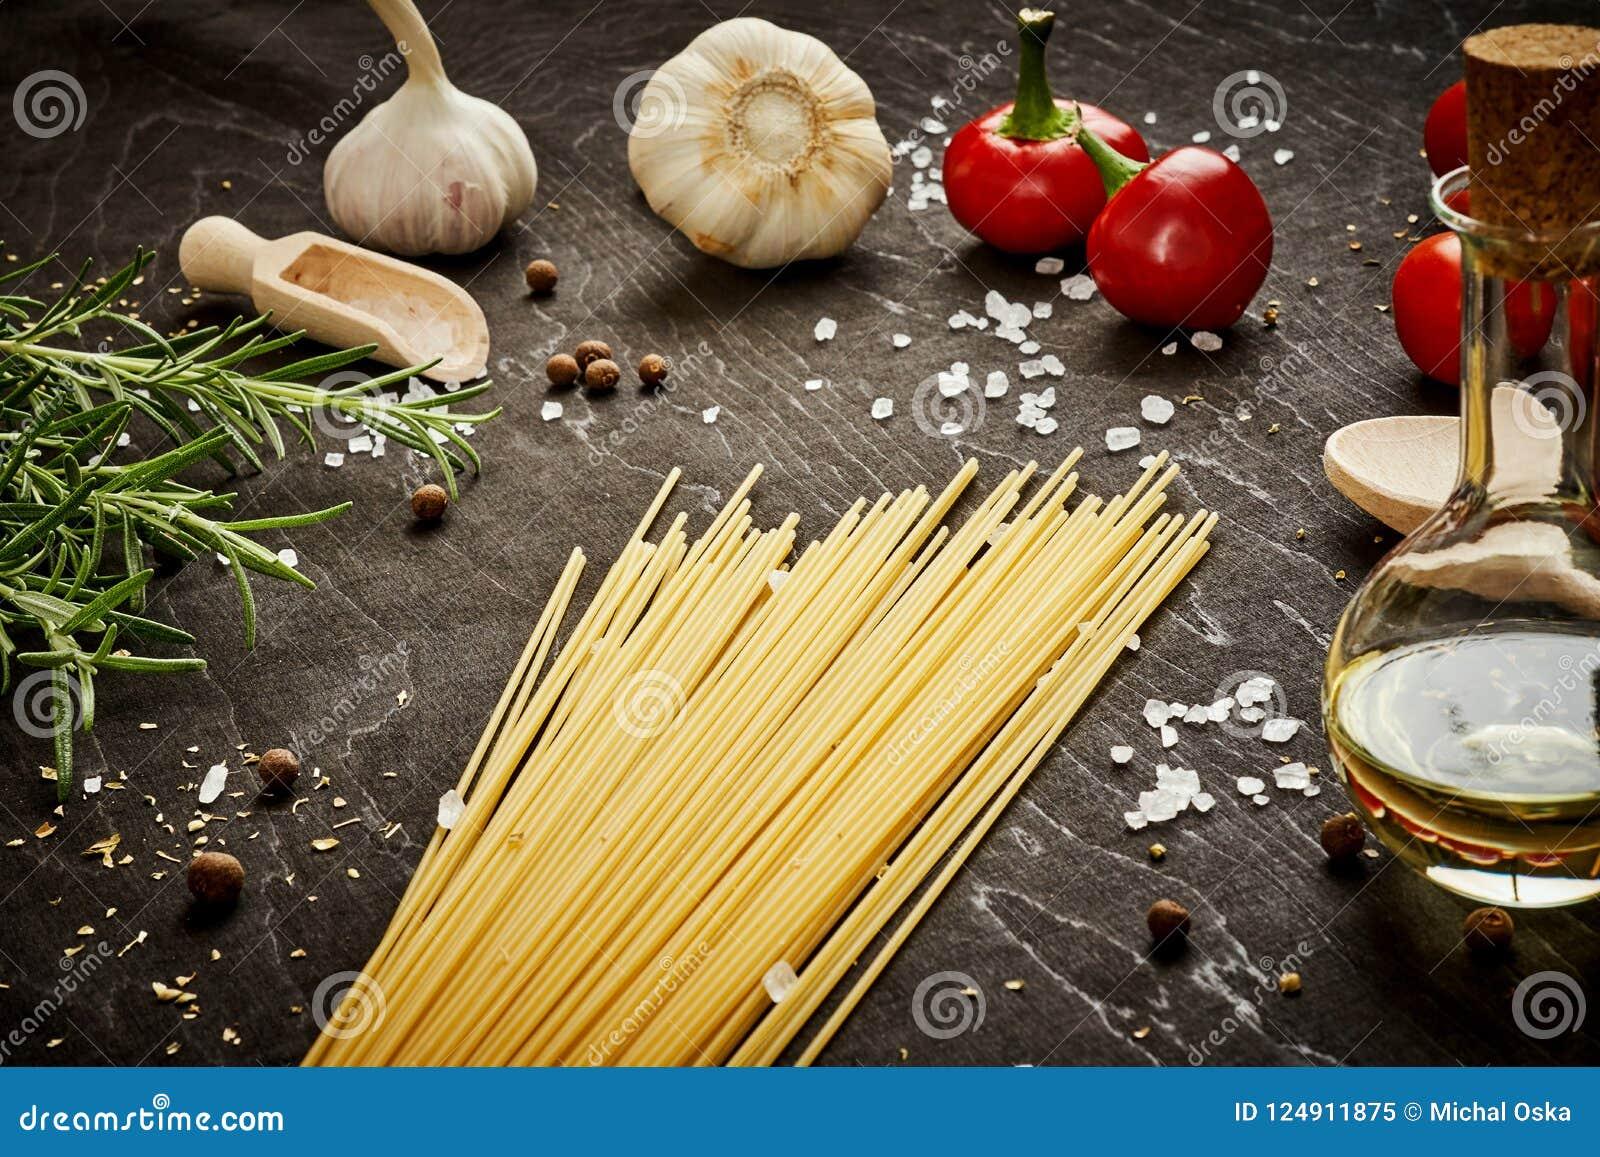 Olivgrüne Pfeffer und Teigwaren des Tomatenknoblauchsalzes auf einer schwarzen Tabelle